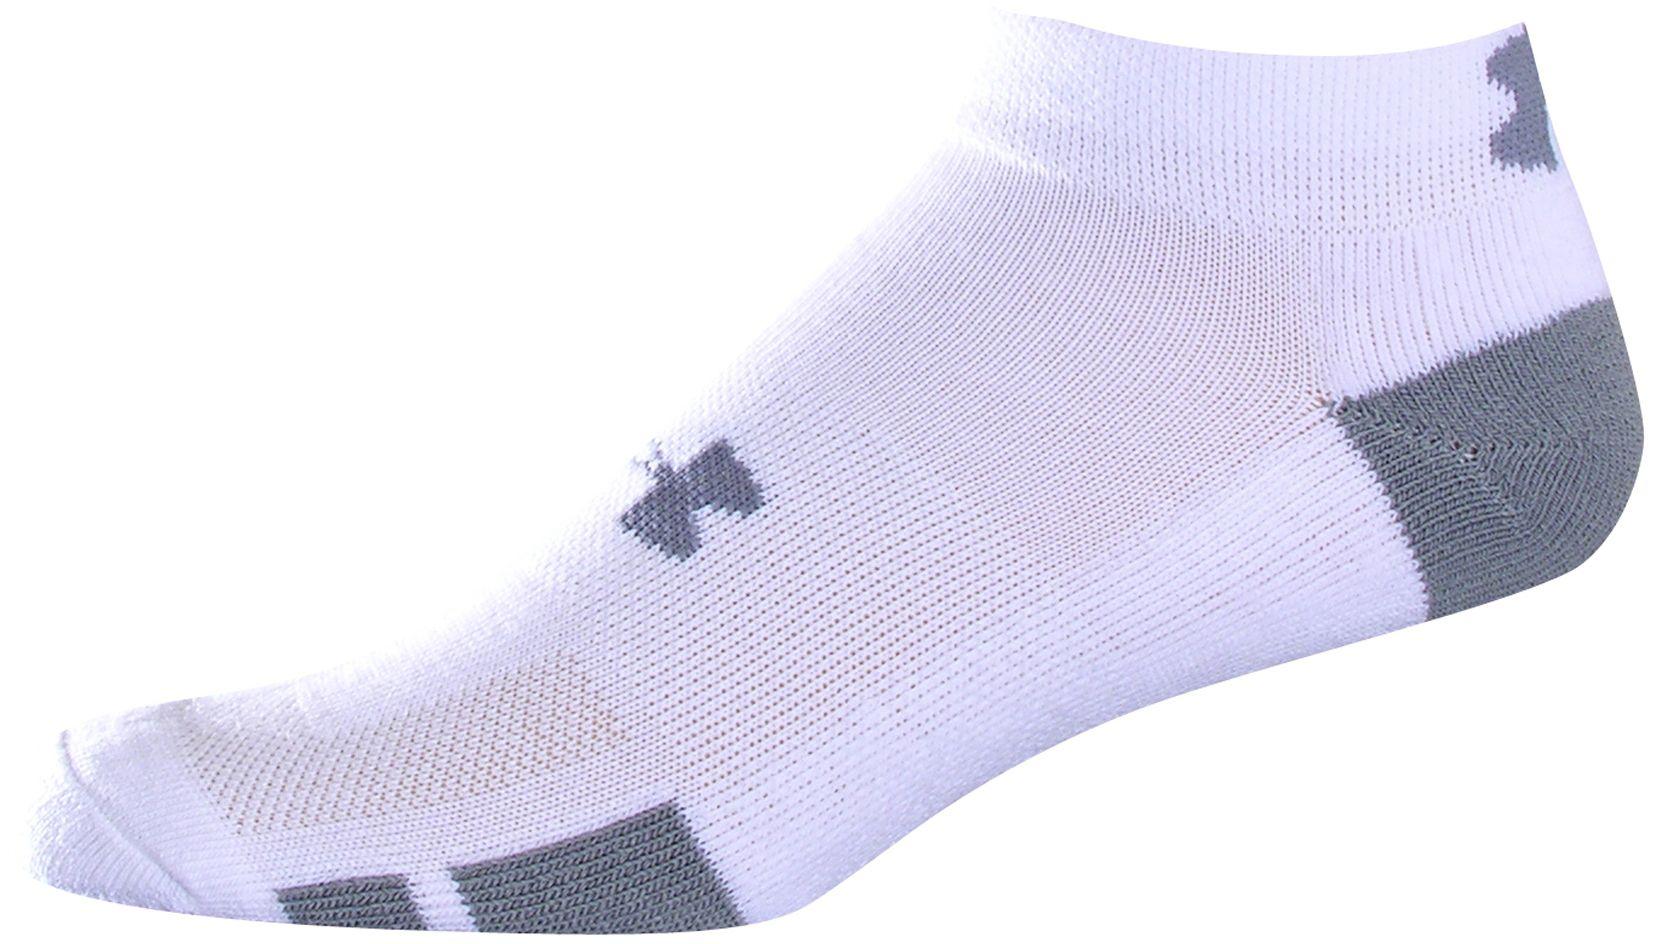 Under Armour Kids' Resistor Low Cut Athletic Socks 6 Pack